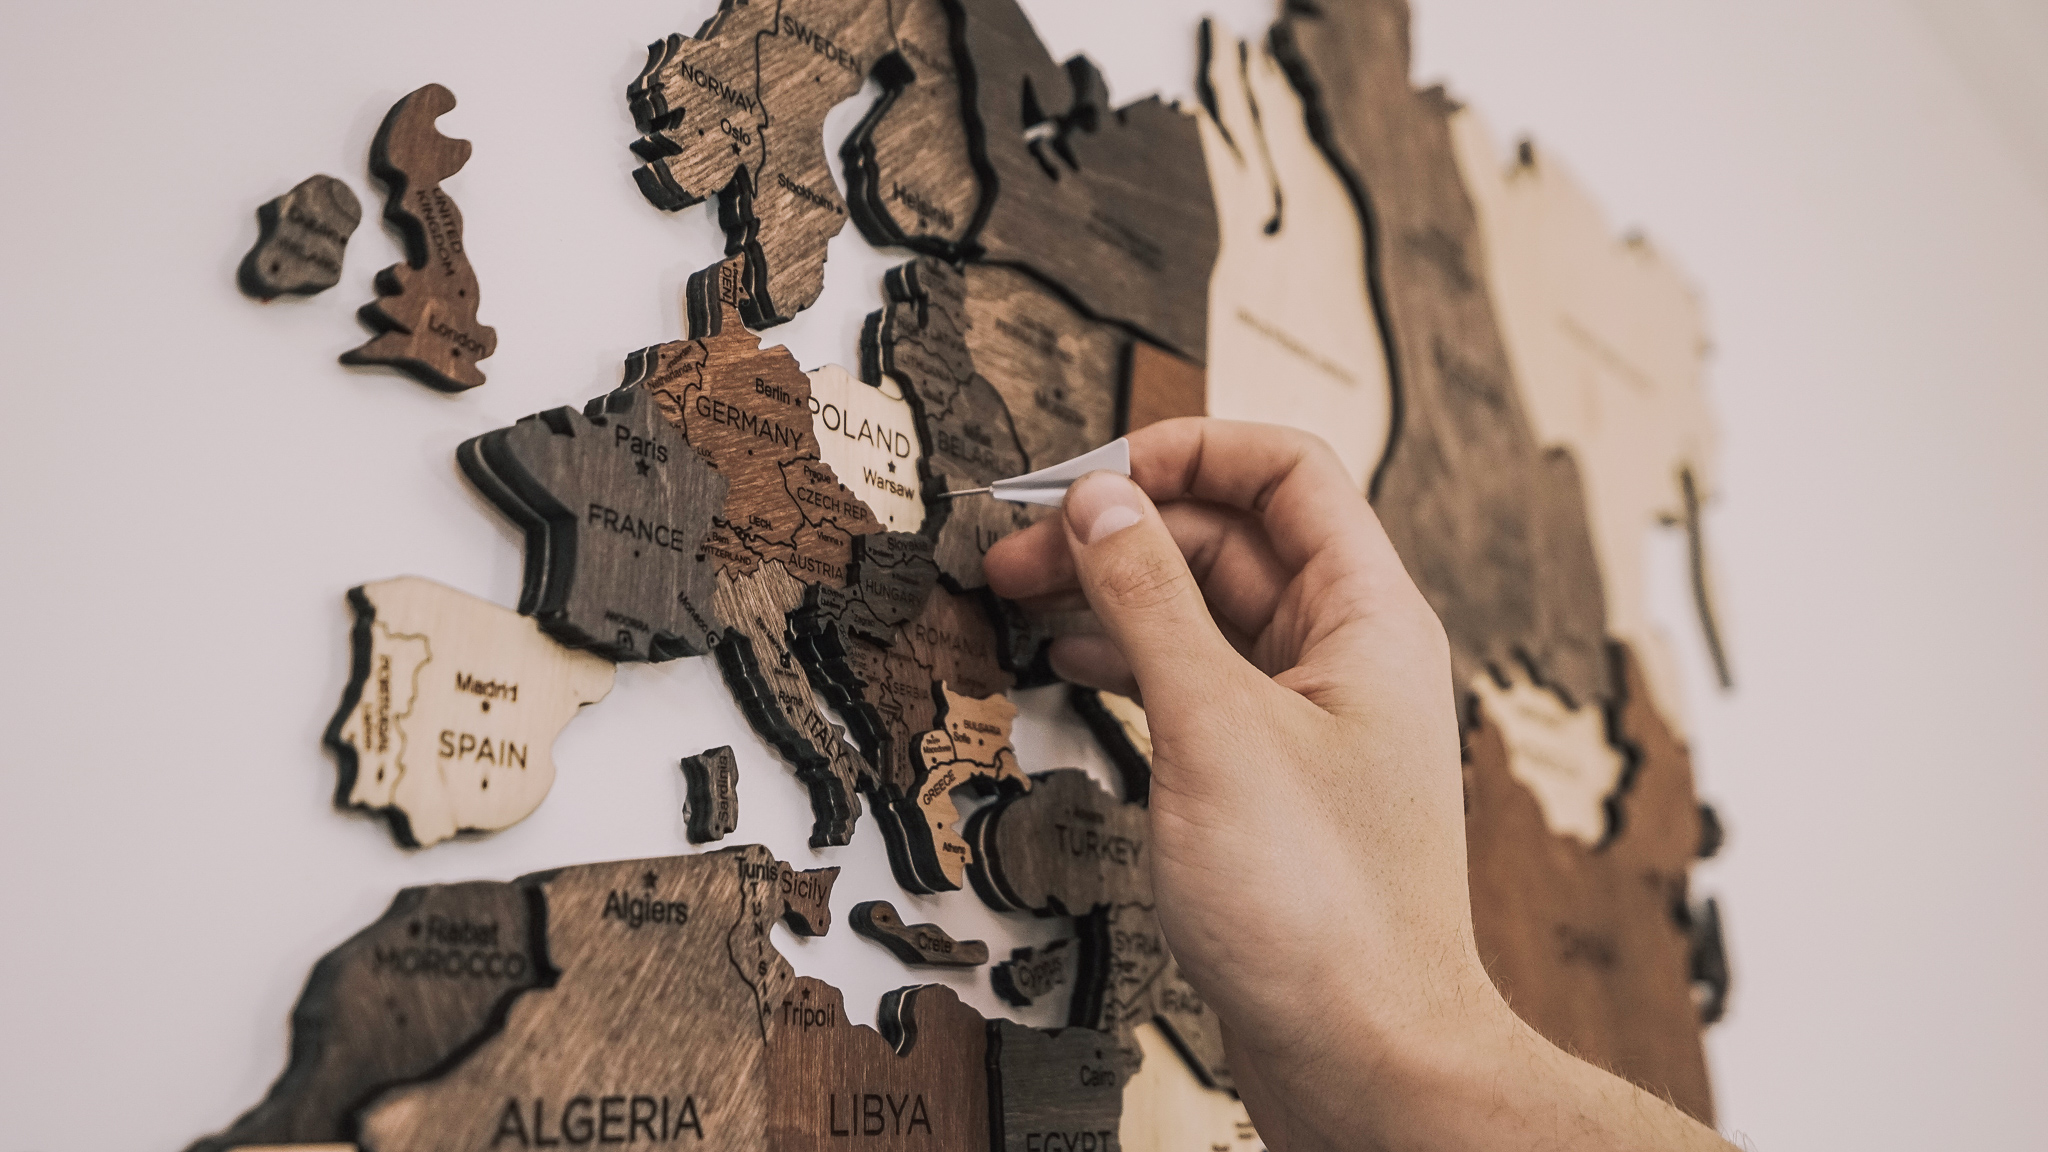 💸 Як українському проєкту зібрати гроші на Kickstarter: 8 порад від Enjoy the Wood